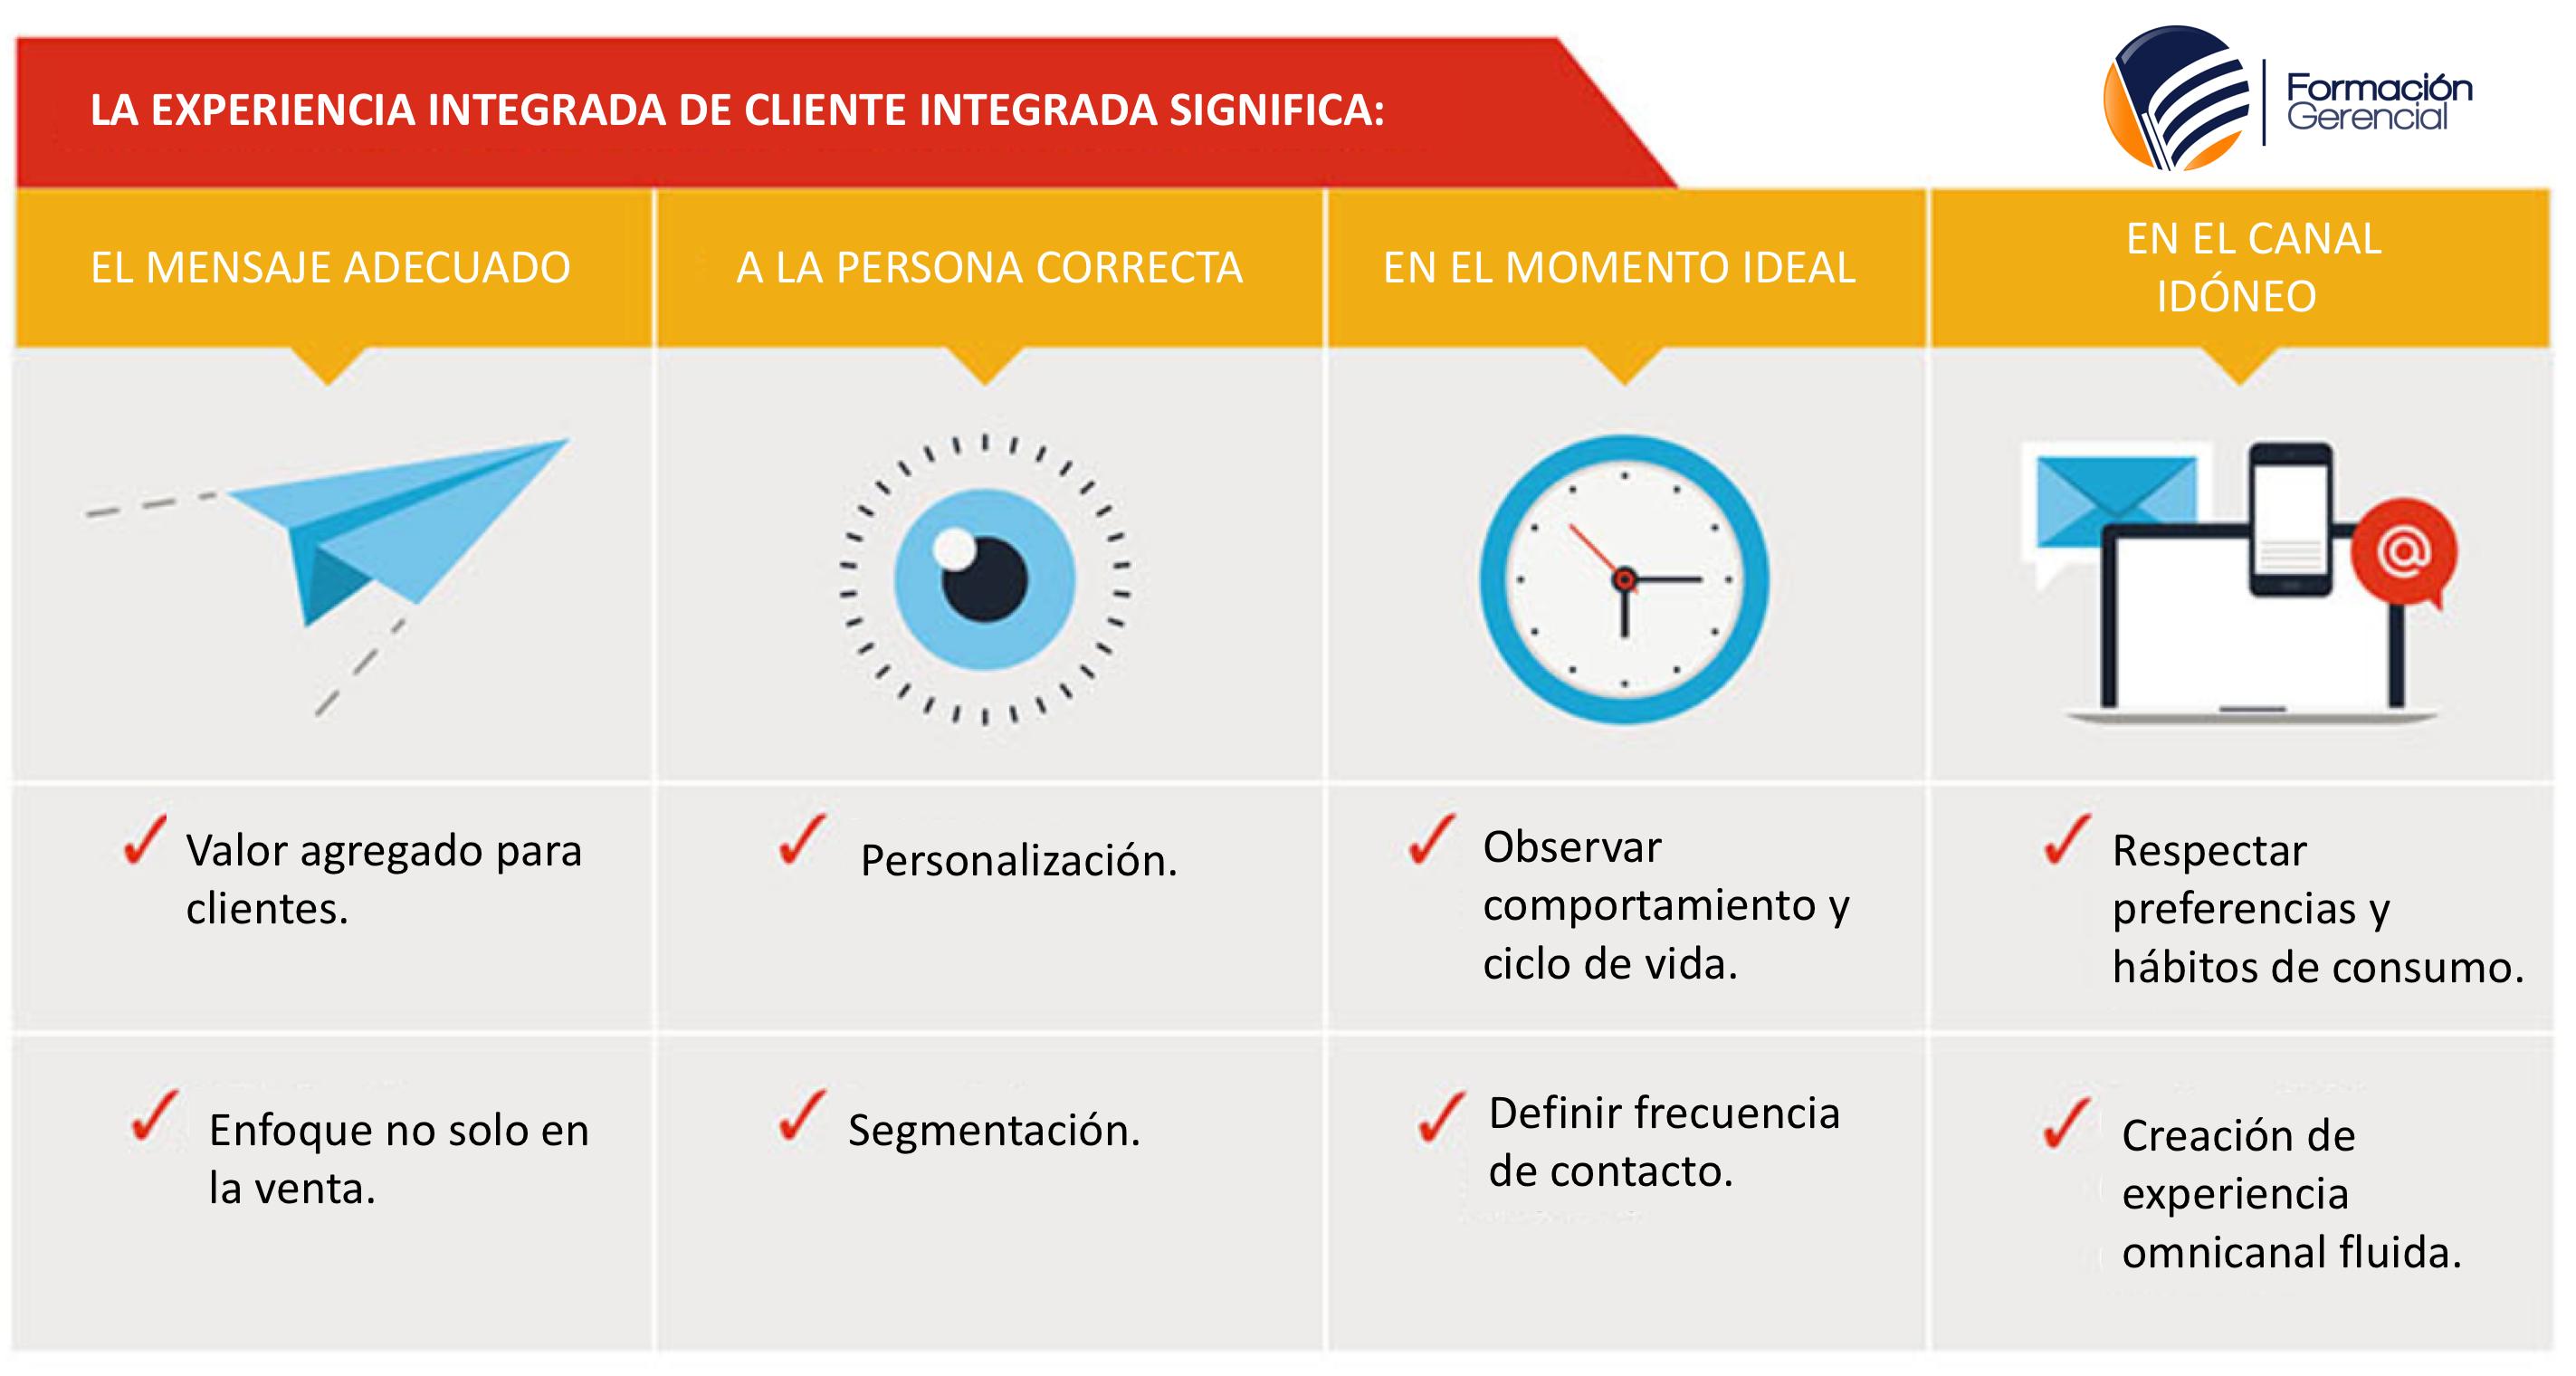 Experiencia Integrada de Cliente